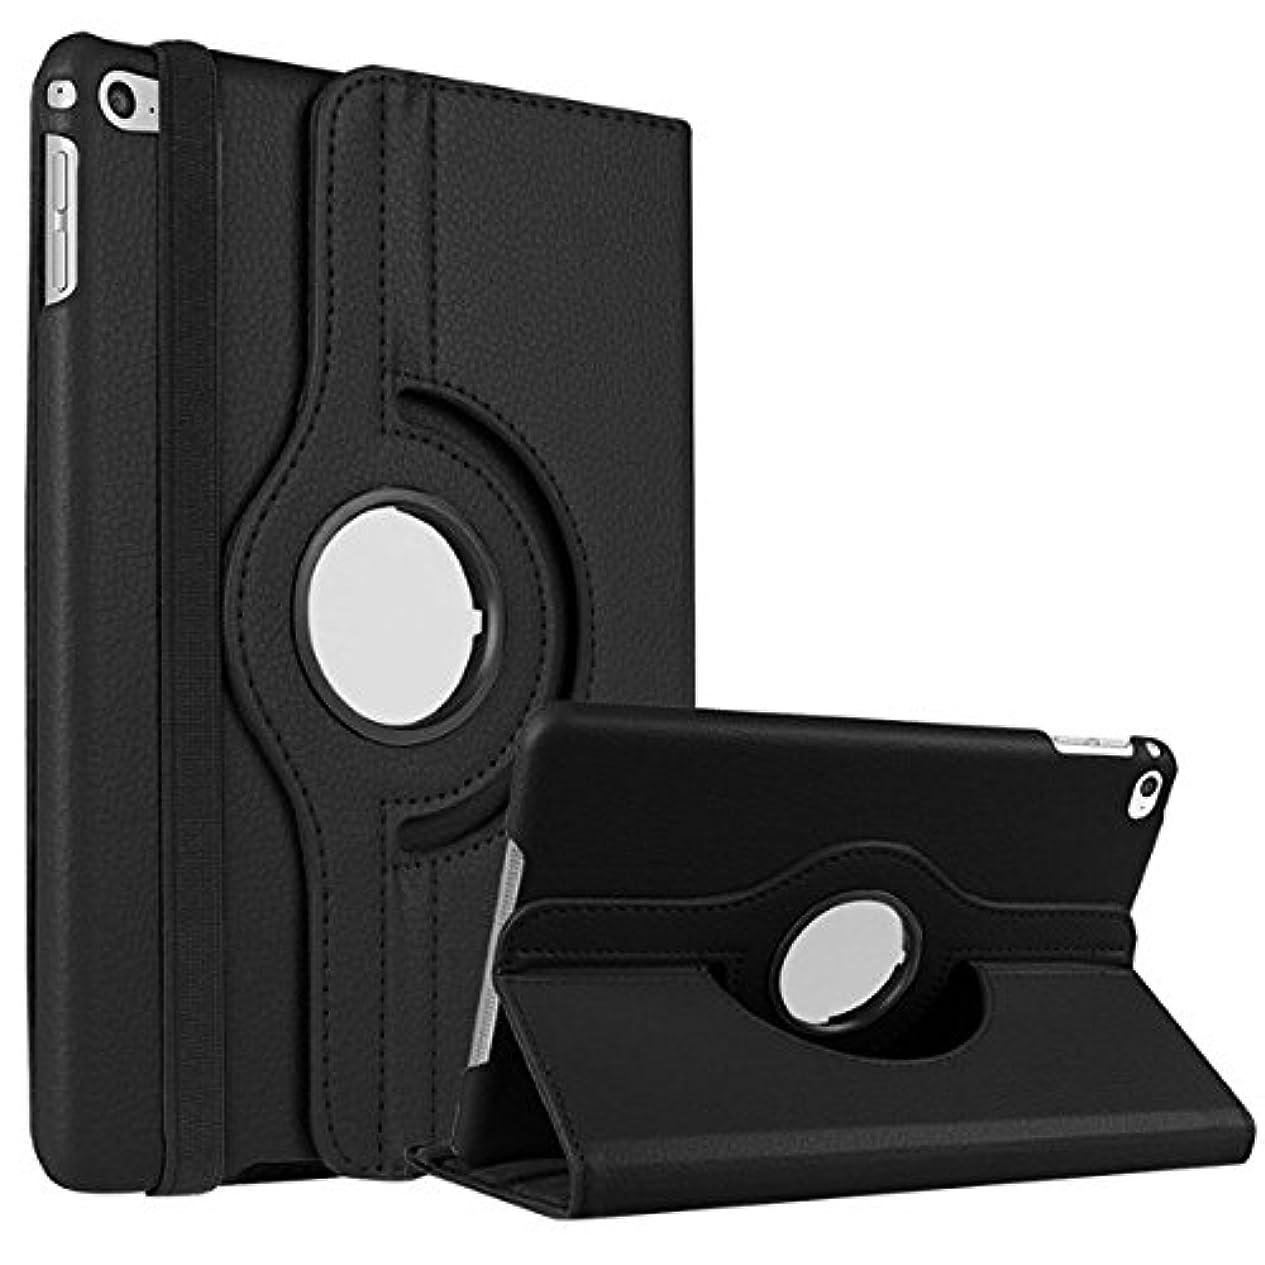 宿題をする寮時間とともにSemoic 360度回転スタンドレザーケース スマートカバー自動スリープ/ウェイク機能付き iPadミニ 4用(ブラック)